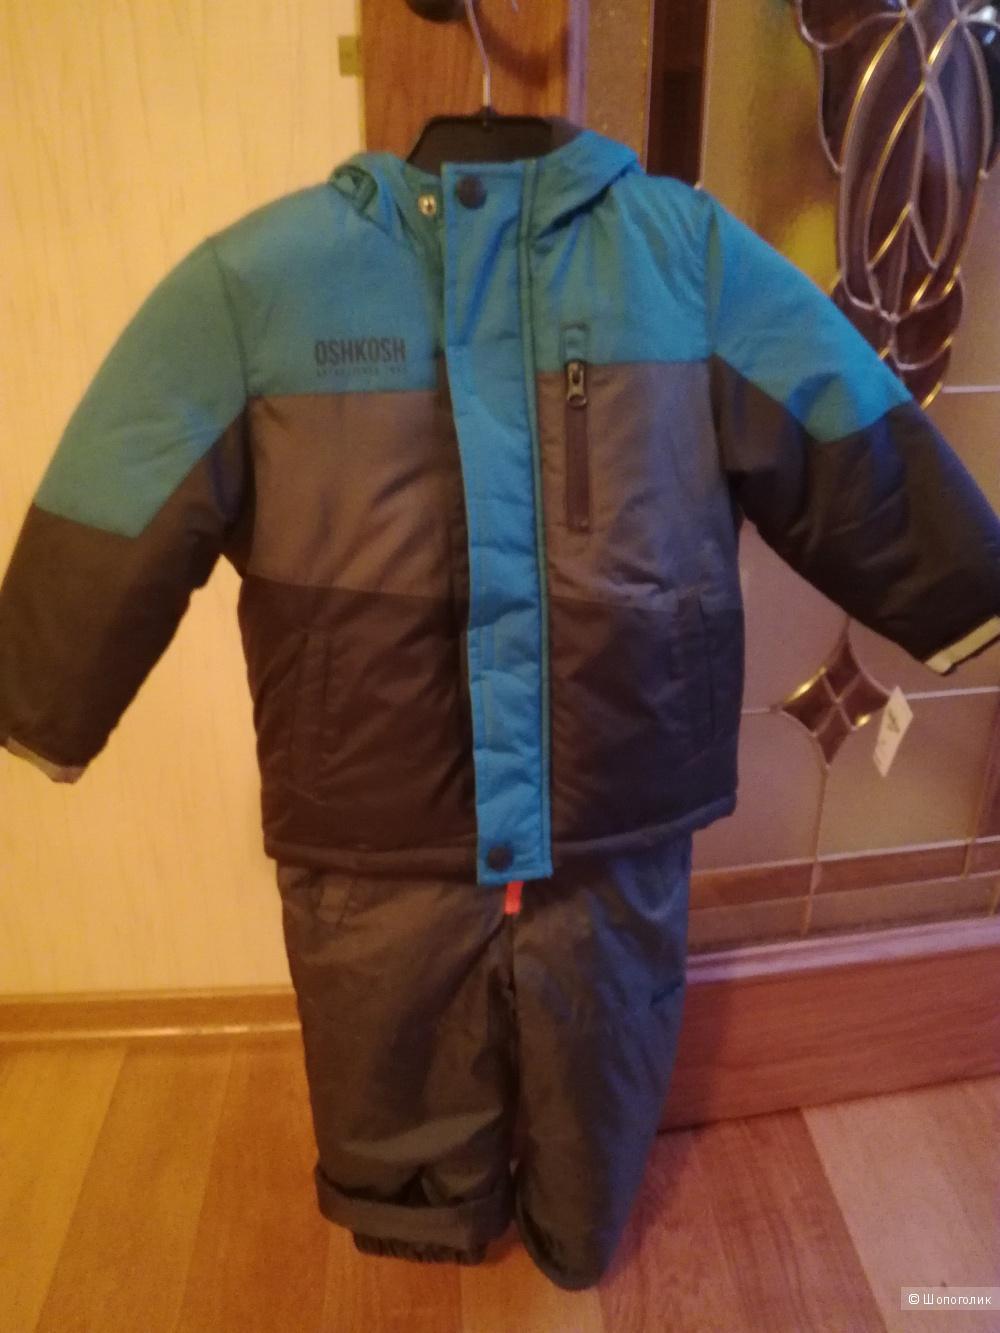 Комплект верхней одежды Oshkosh размер 92-98